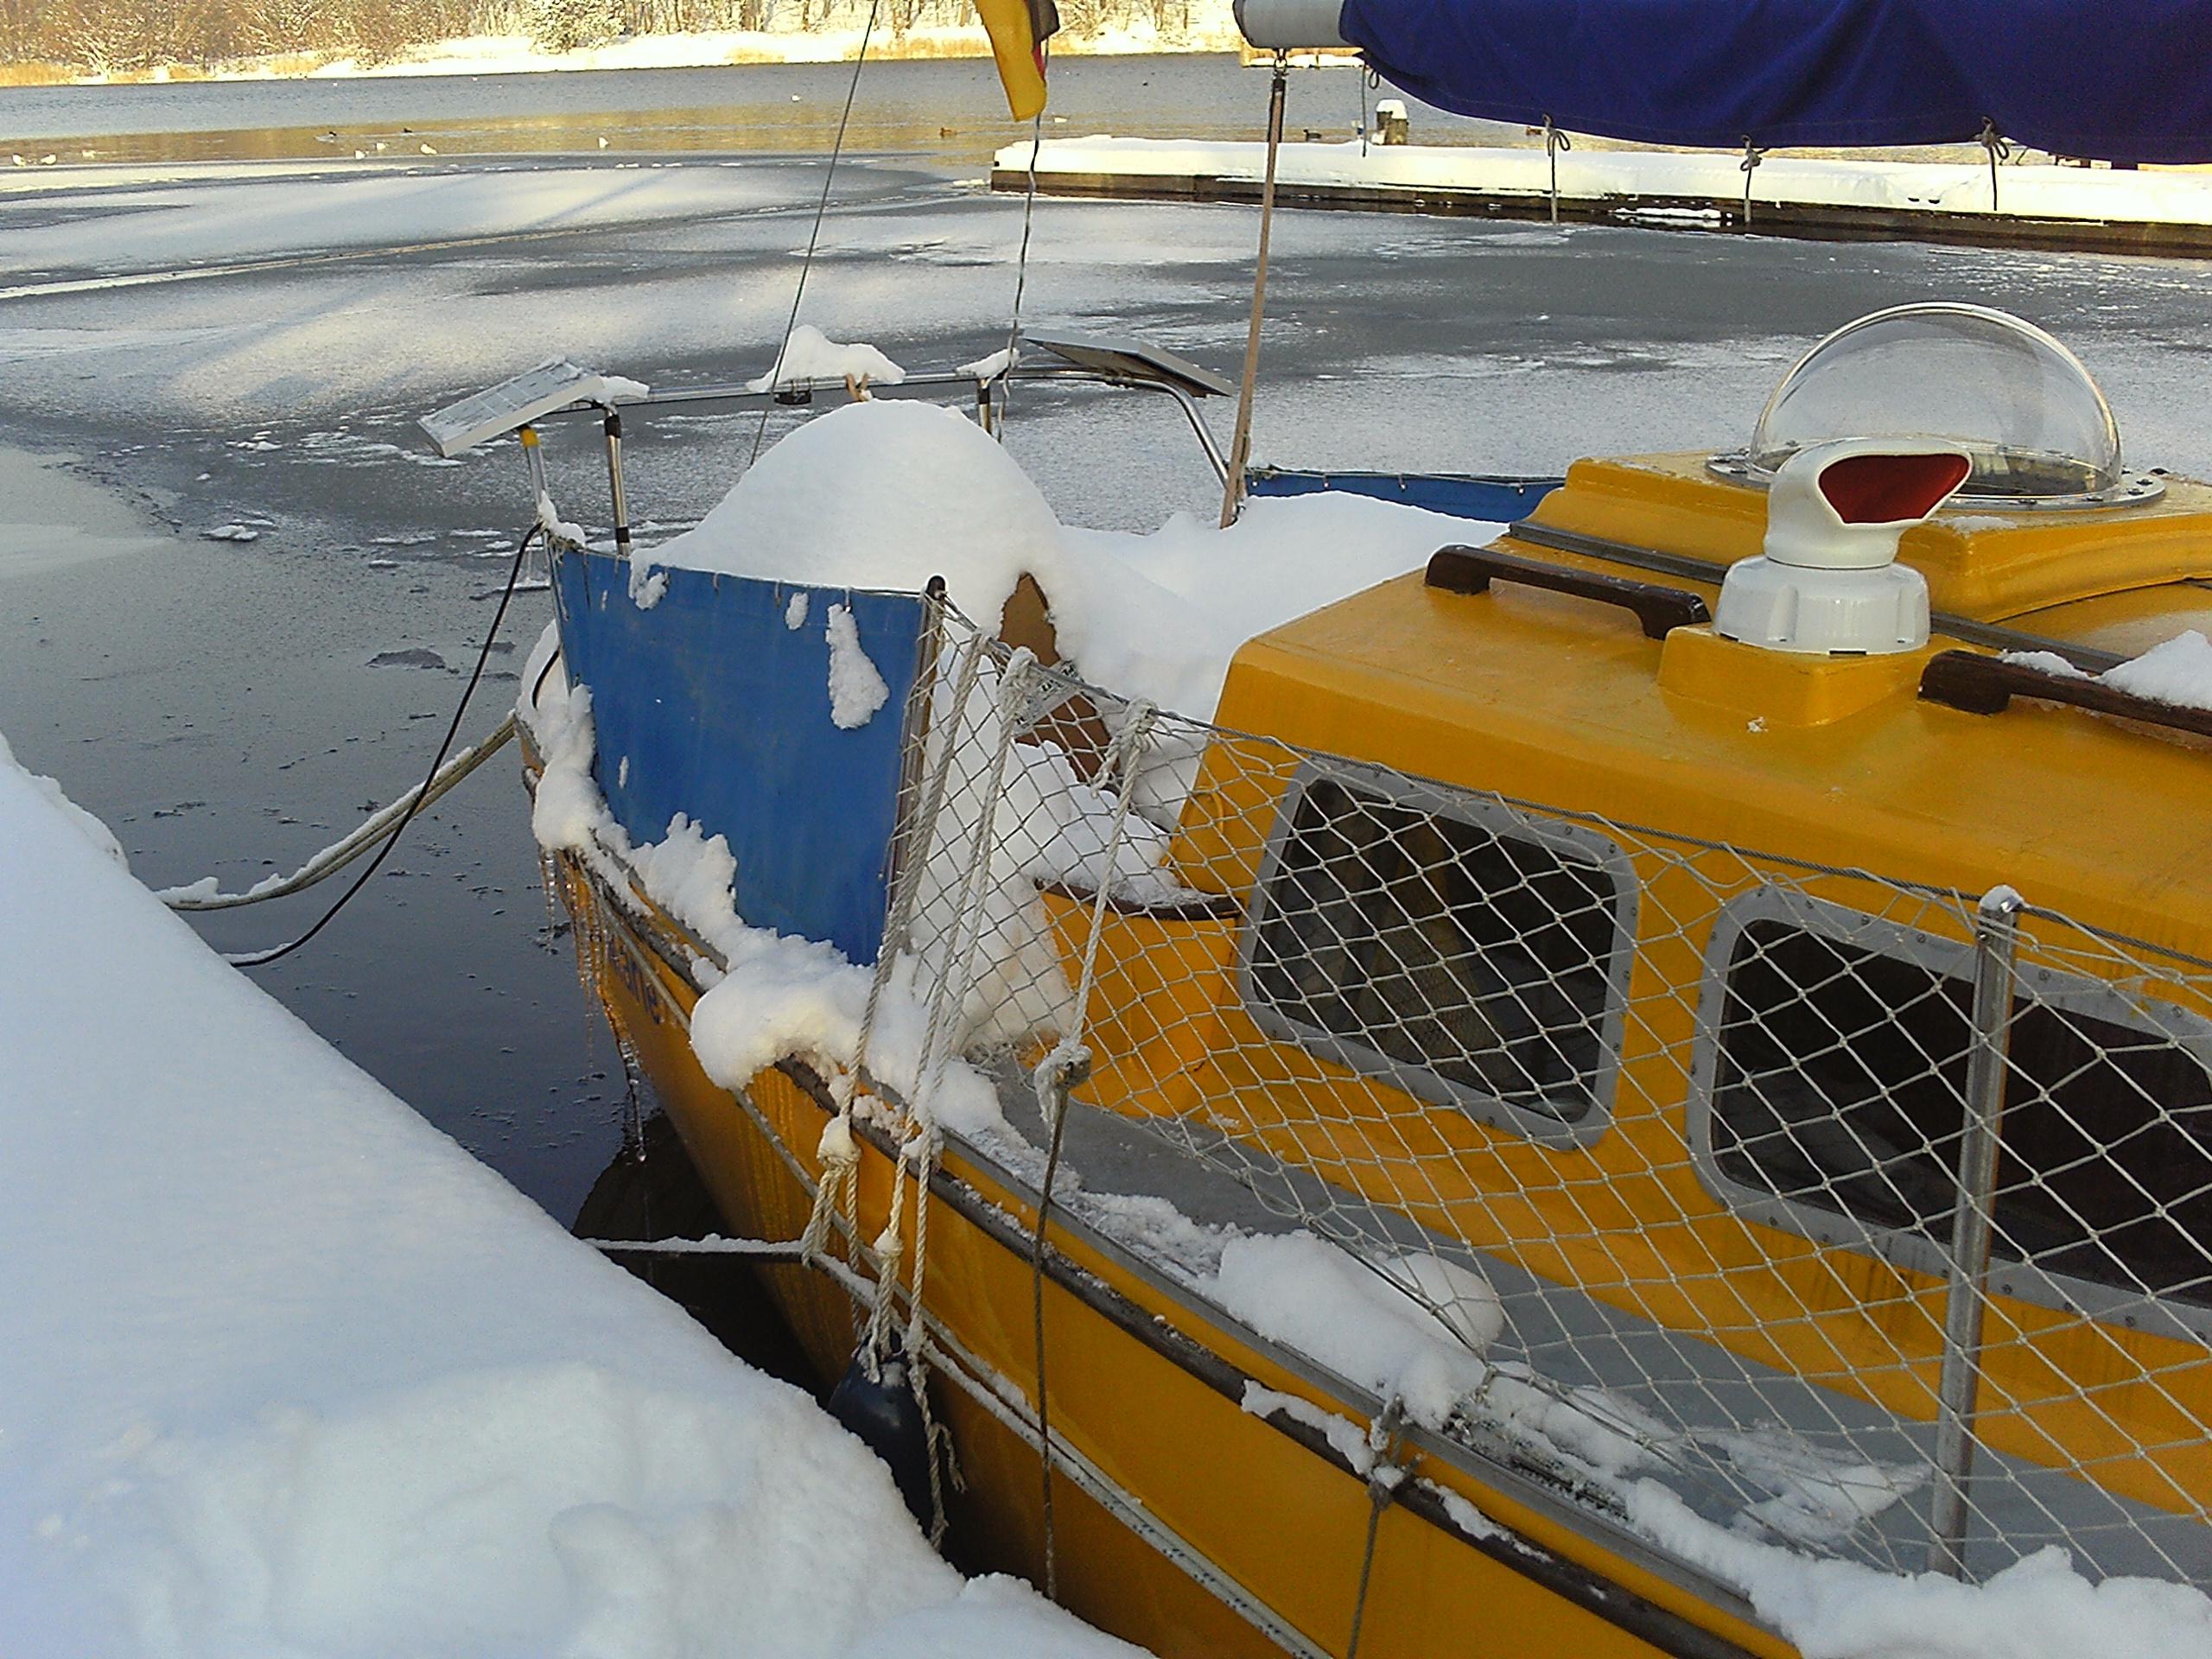 Candice-Marie trotzt dem Schnee